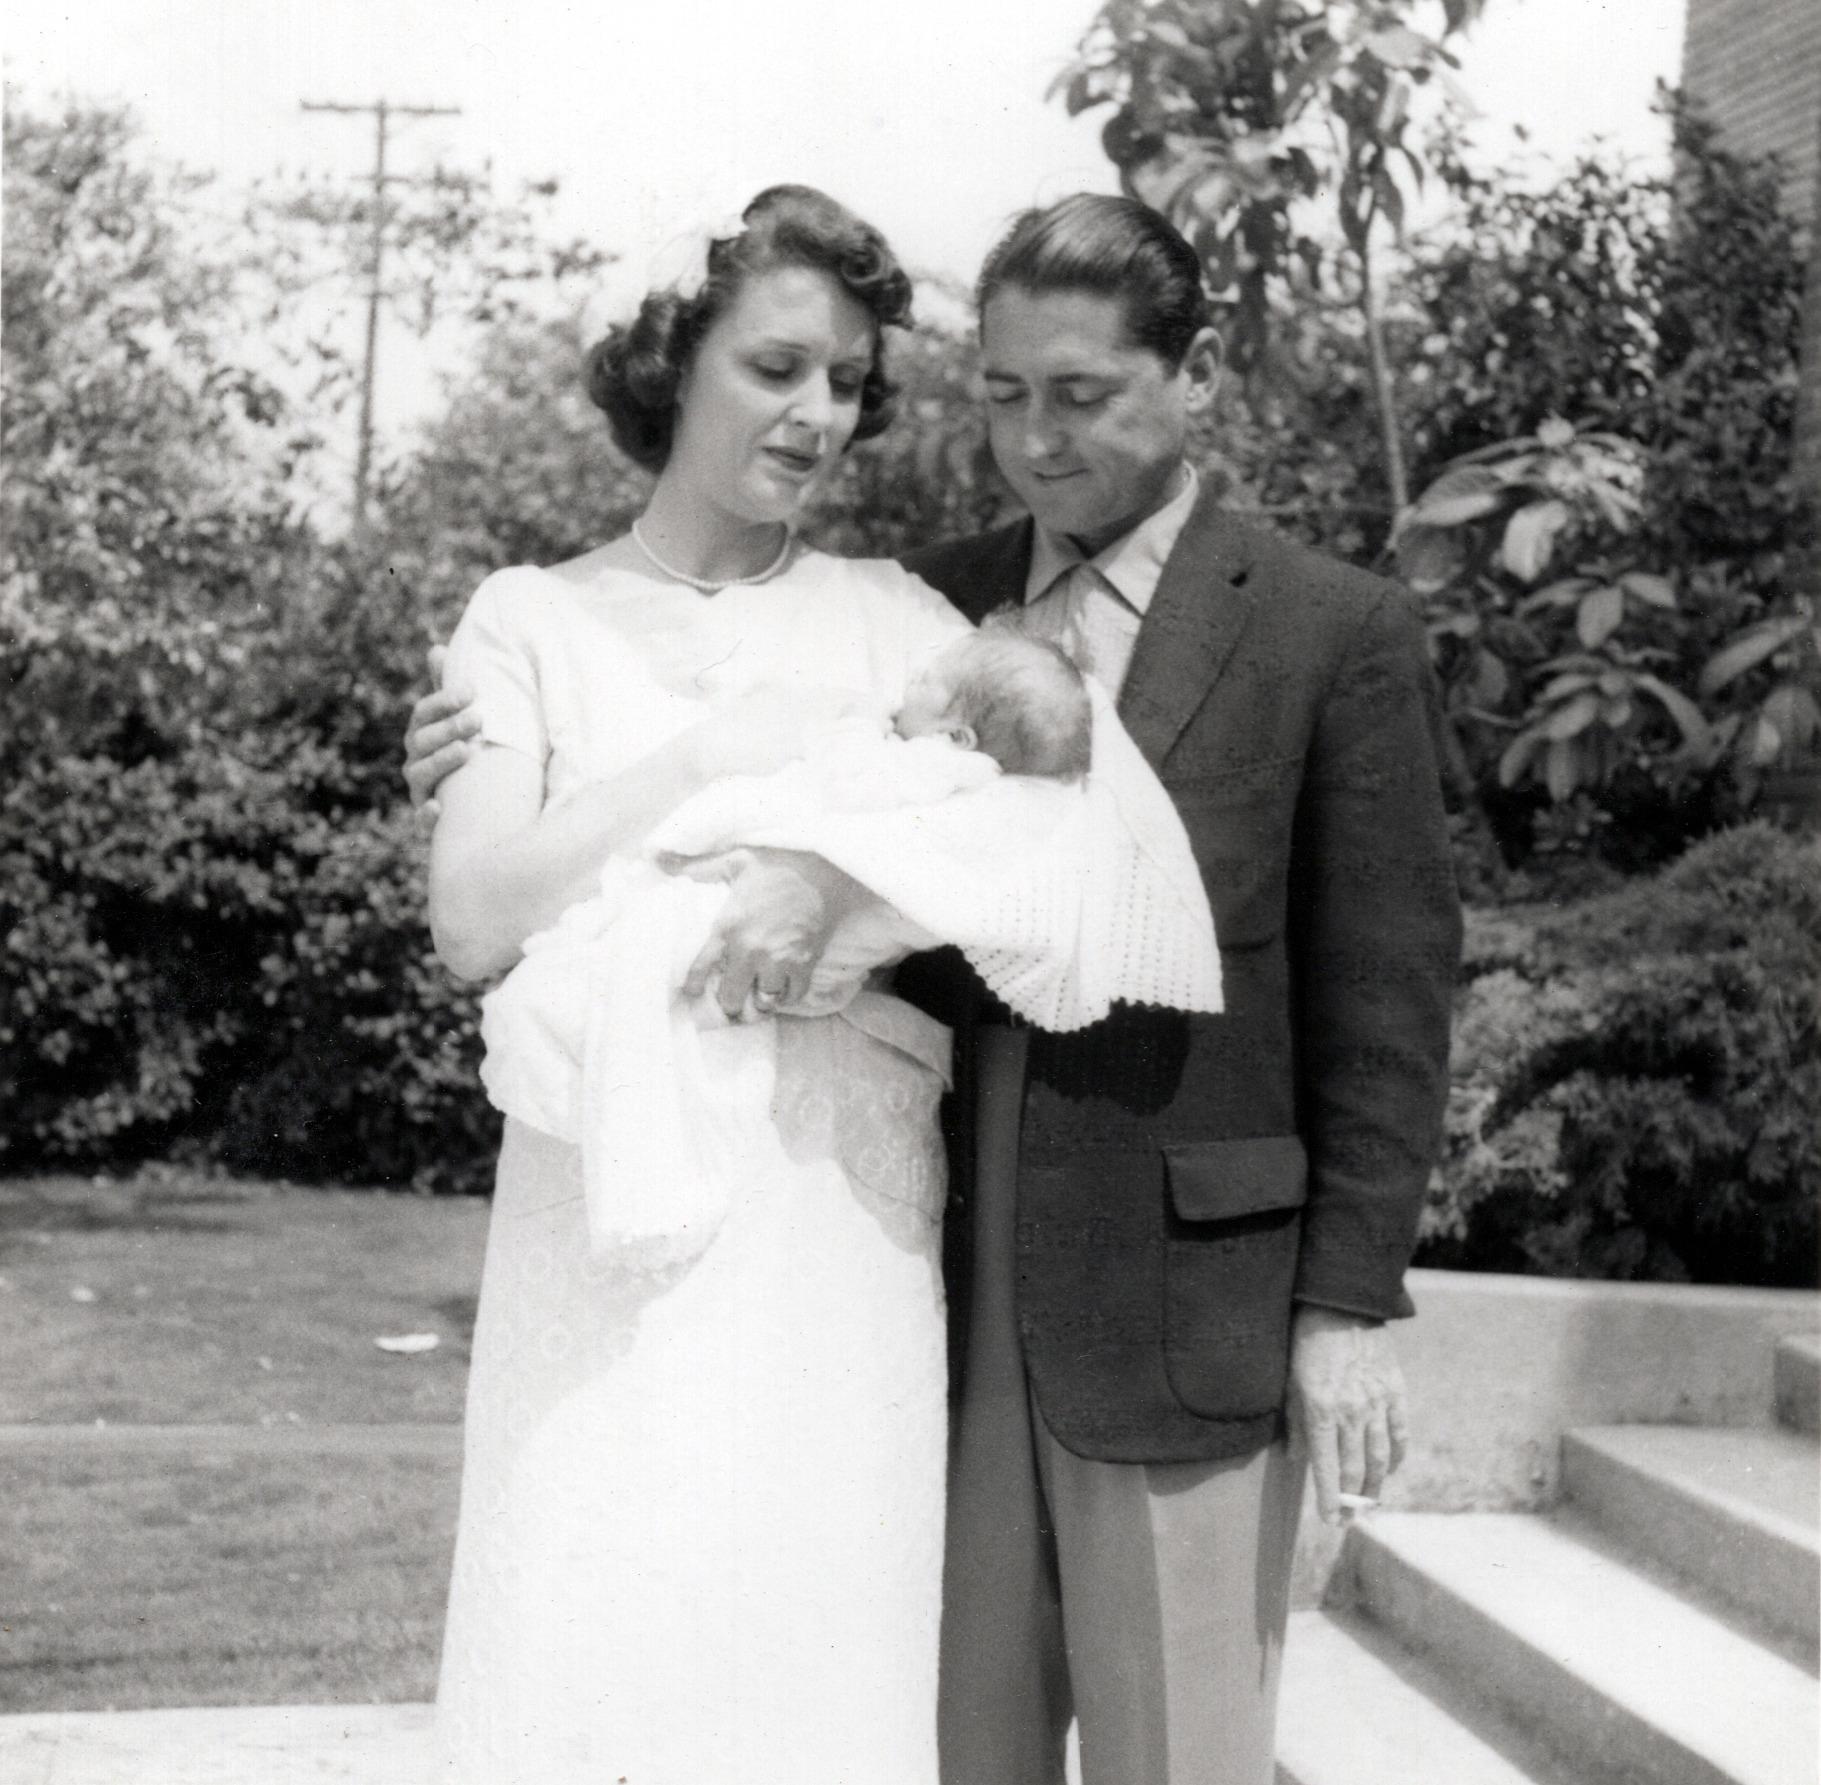 Mark's Baptism - Sue, Mark & Bill - May 1957